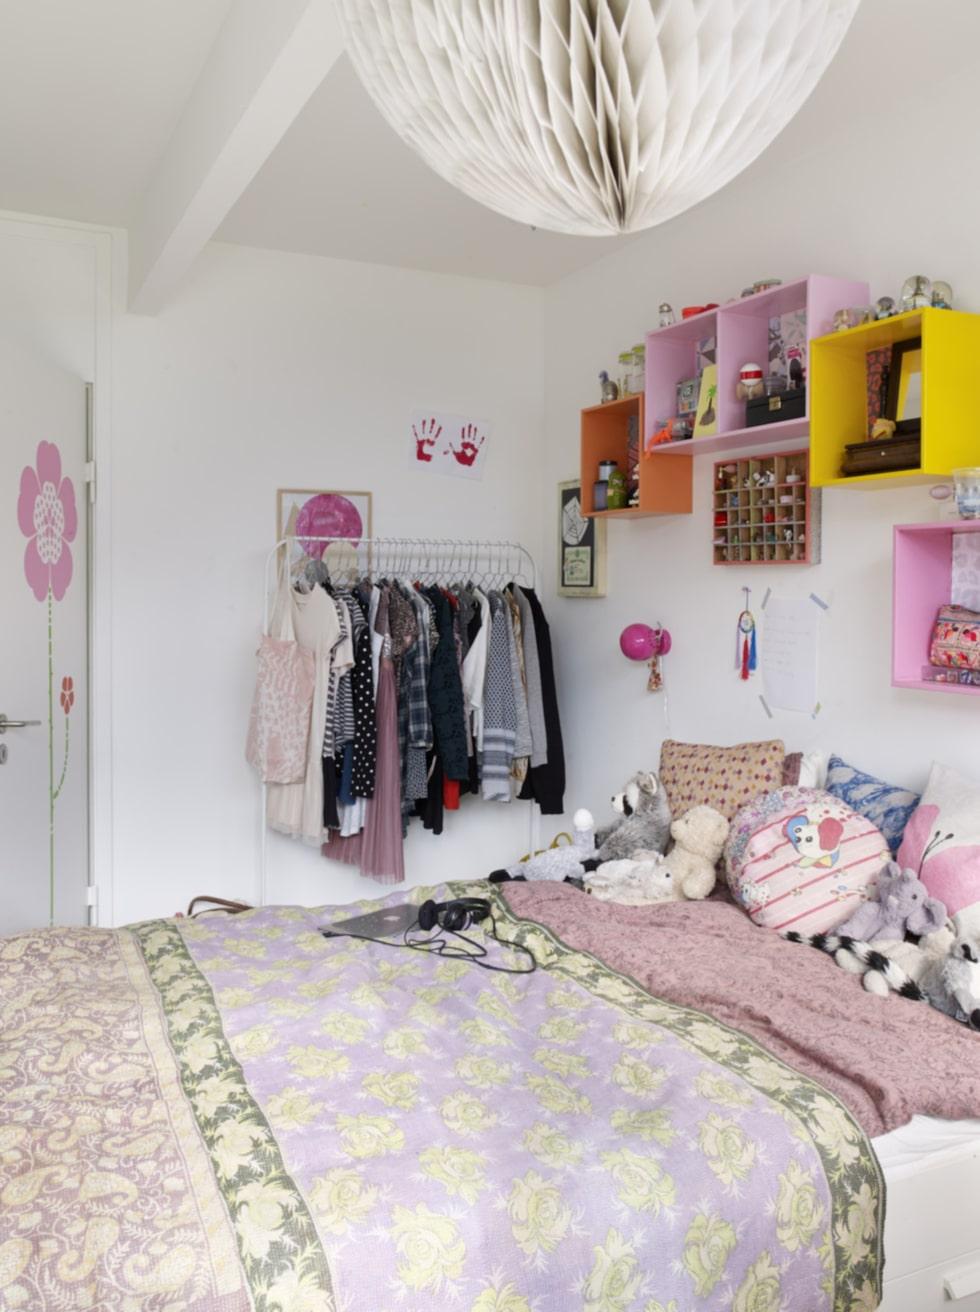 Paulas rum är inrett färgstarkt precis som resten av huset. De färgglada hyllorna är tapetserade inuti med olika mönster och färger. Kuddarna och sängkläderna är från Soft gallery, det lilla överkastet är från andrealarsson.com.